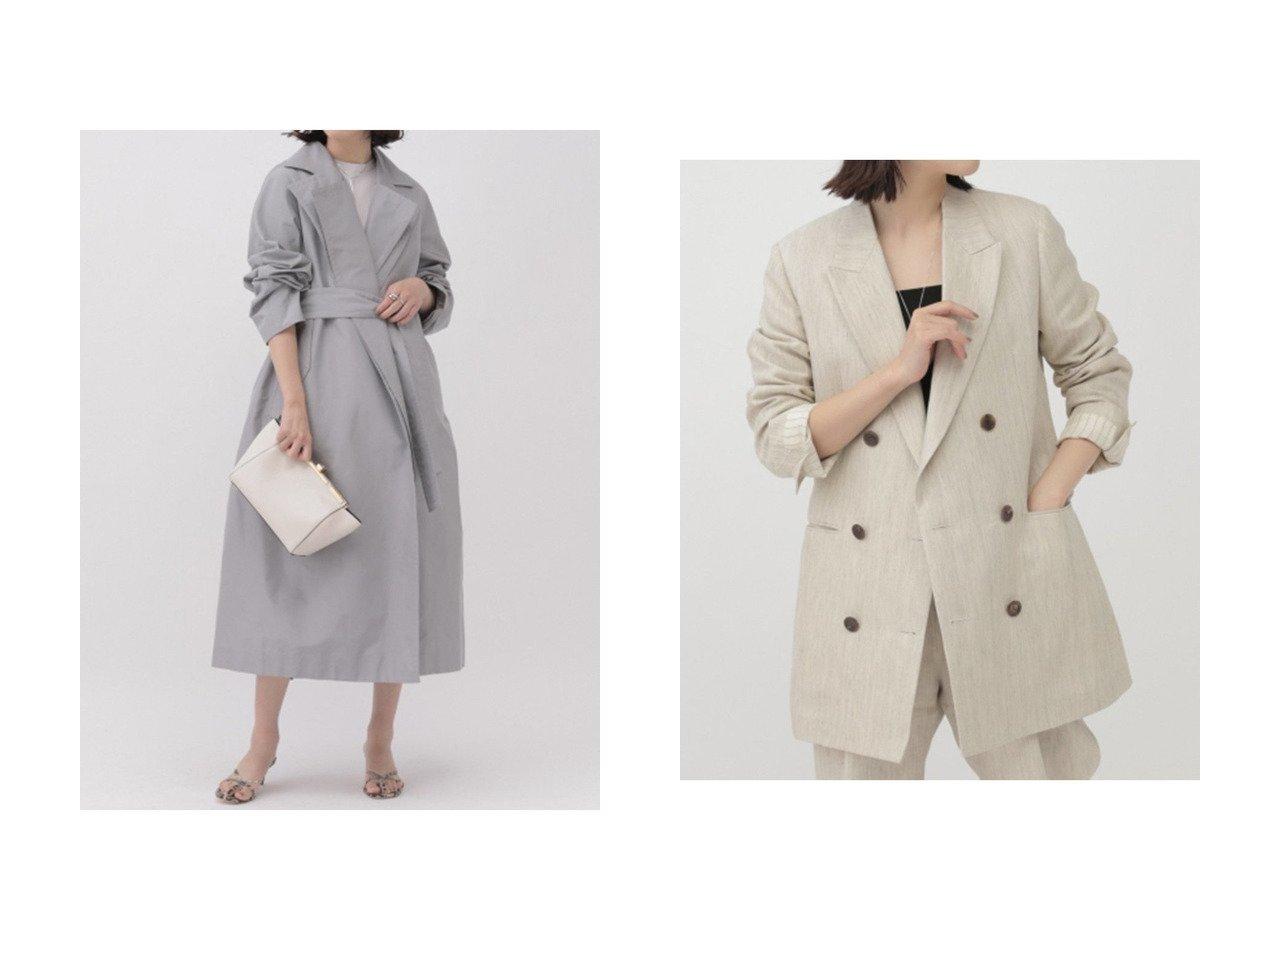 【Chaos/カオス】のアラッシドコート&グリーシャトップジャケット アウターのおすすめ!人気、トレンド・レディースファッションの通販 おすすめで人気の流行・トレンド、ファッションの通販商品 メンズファッション・キッズファッション・インテリア・家具・レディースファッション・服の通販 founy(ファニー) https://founy.com/ ファッション Fashion レディースファッション WOMEN アウター Coat Outerwear コート Coats ジャケット Jackets 2021年 2021 2021 春夏 S/S SS Spring/Summer 2021 S/S 春夏 SS Spring/Summer ライナー ロング 春 Spring  ID:crp329100000015455